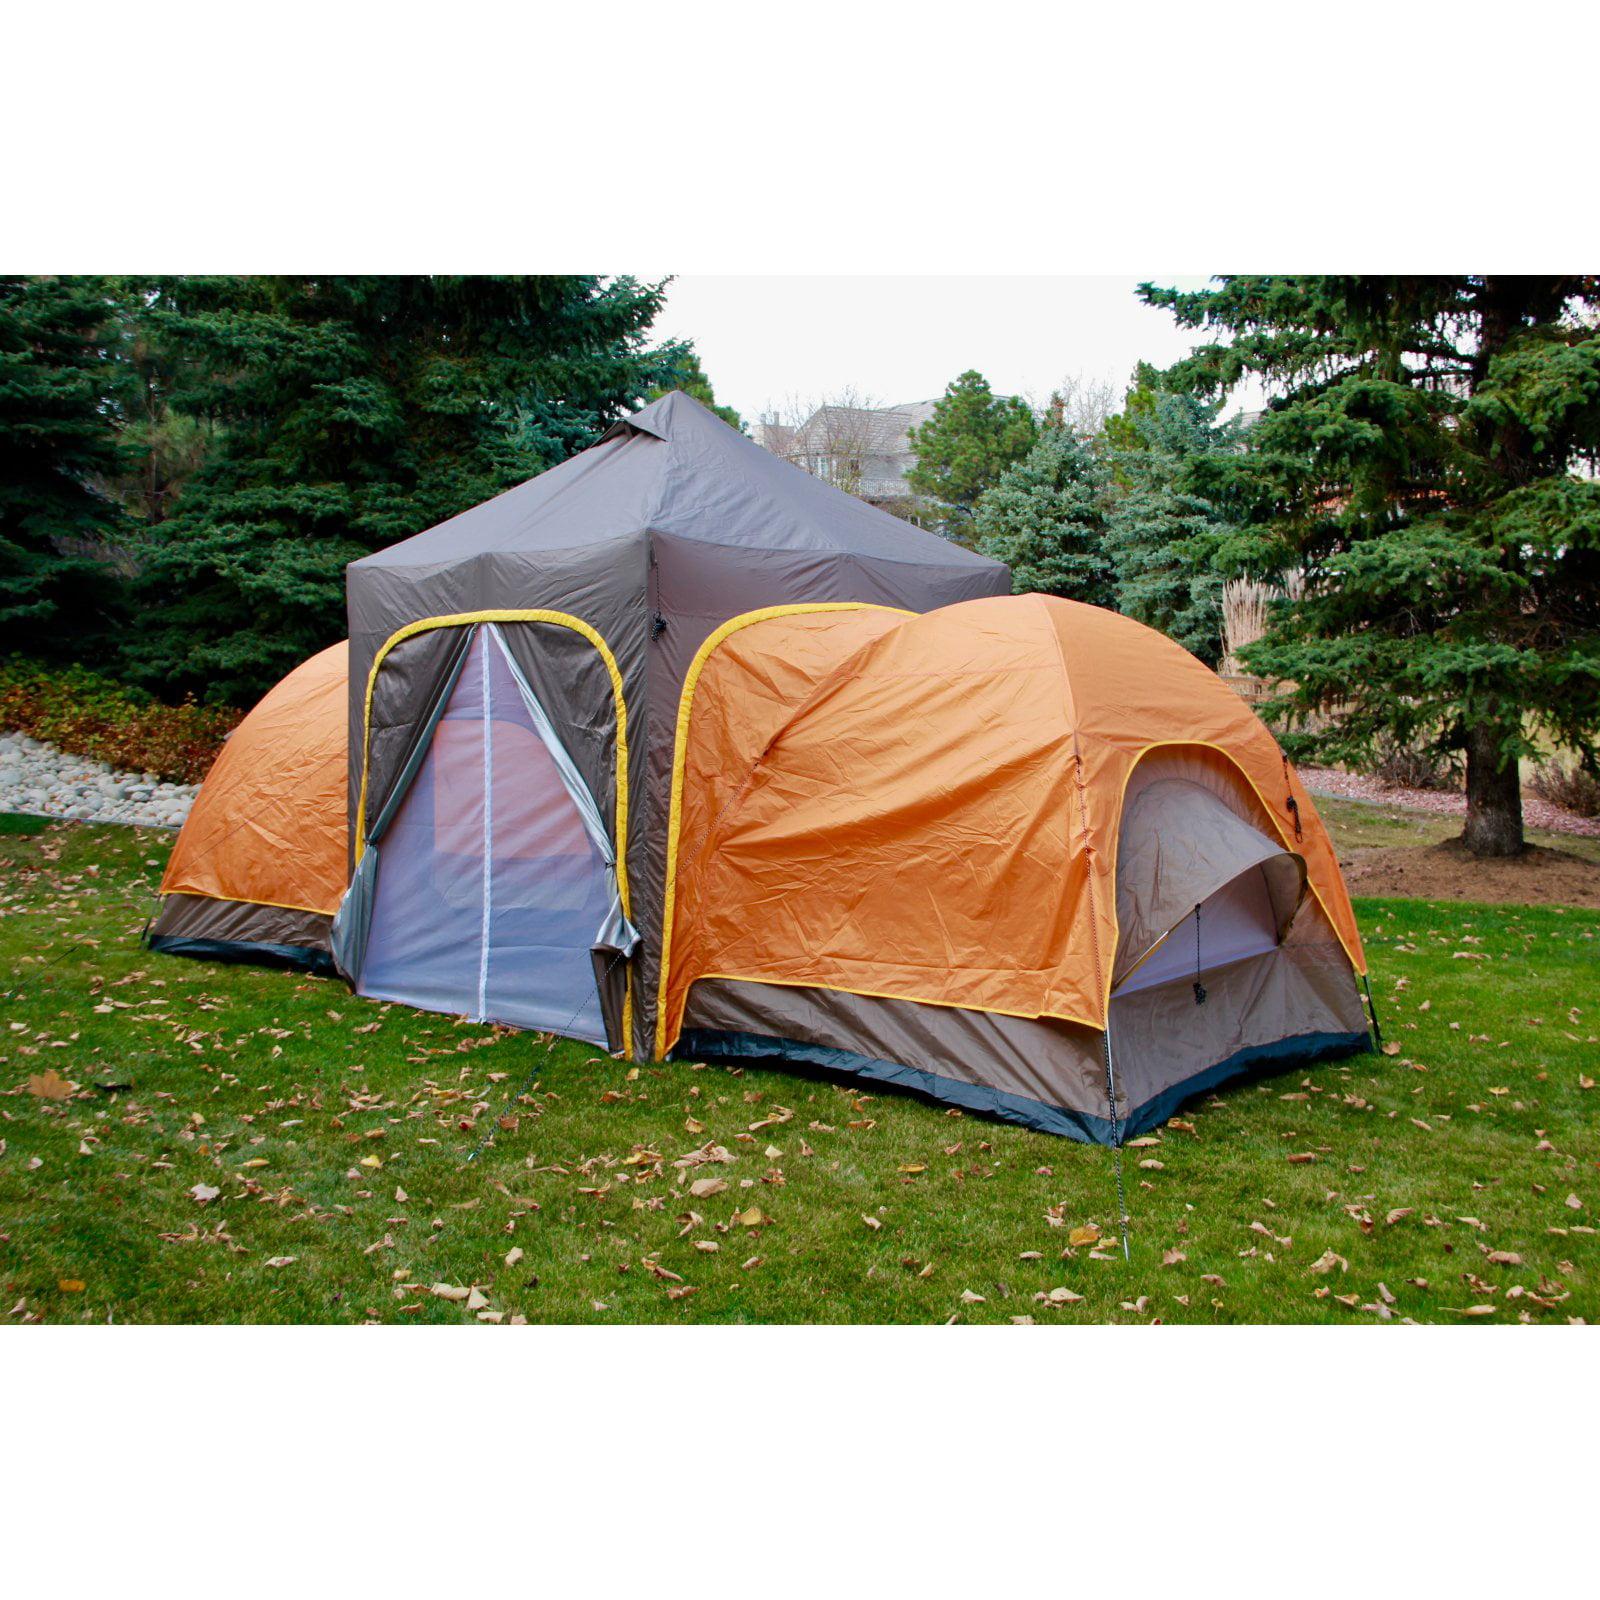 Undercover Modular Apex Tent